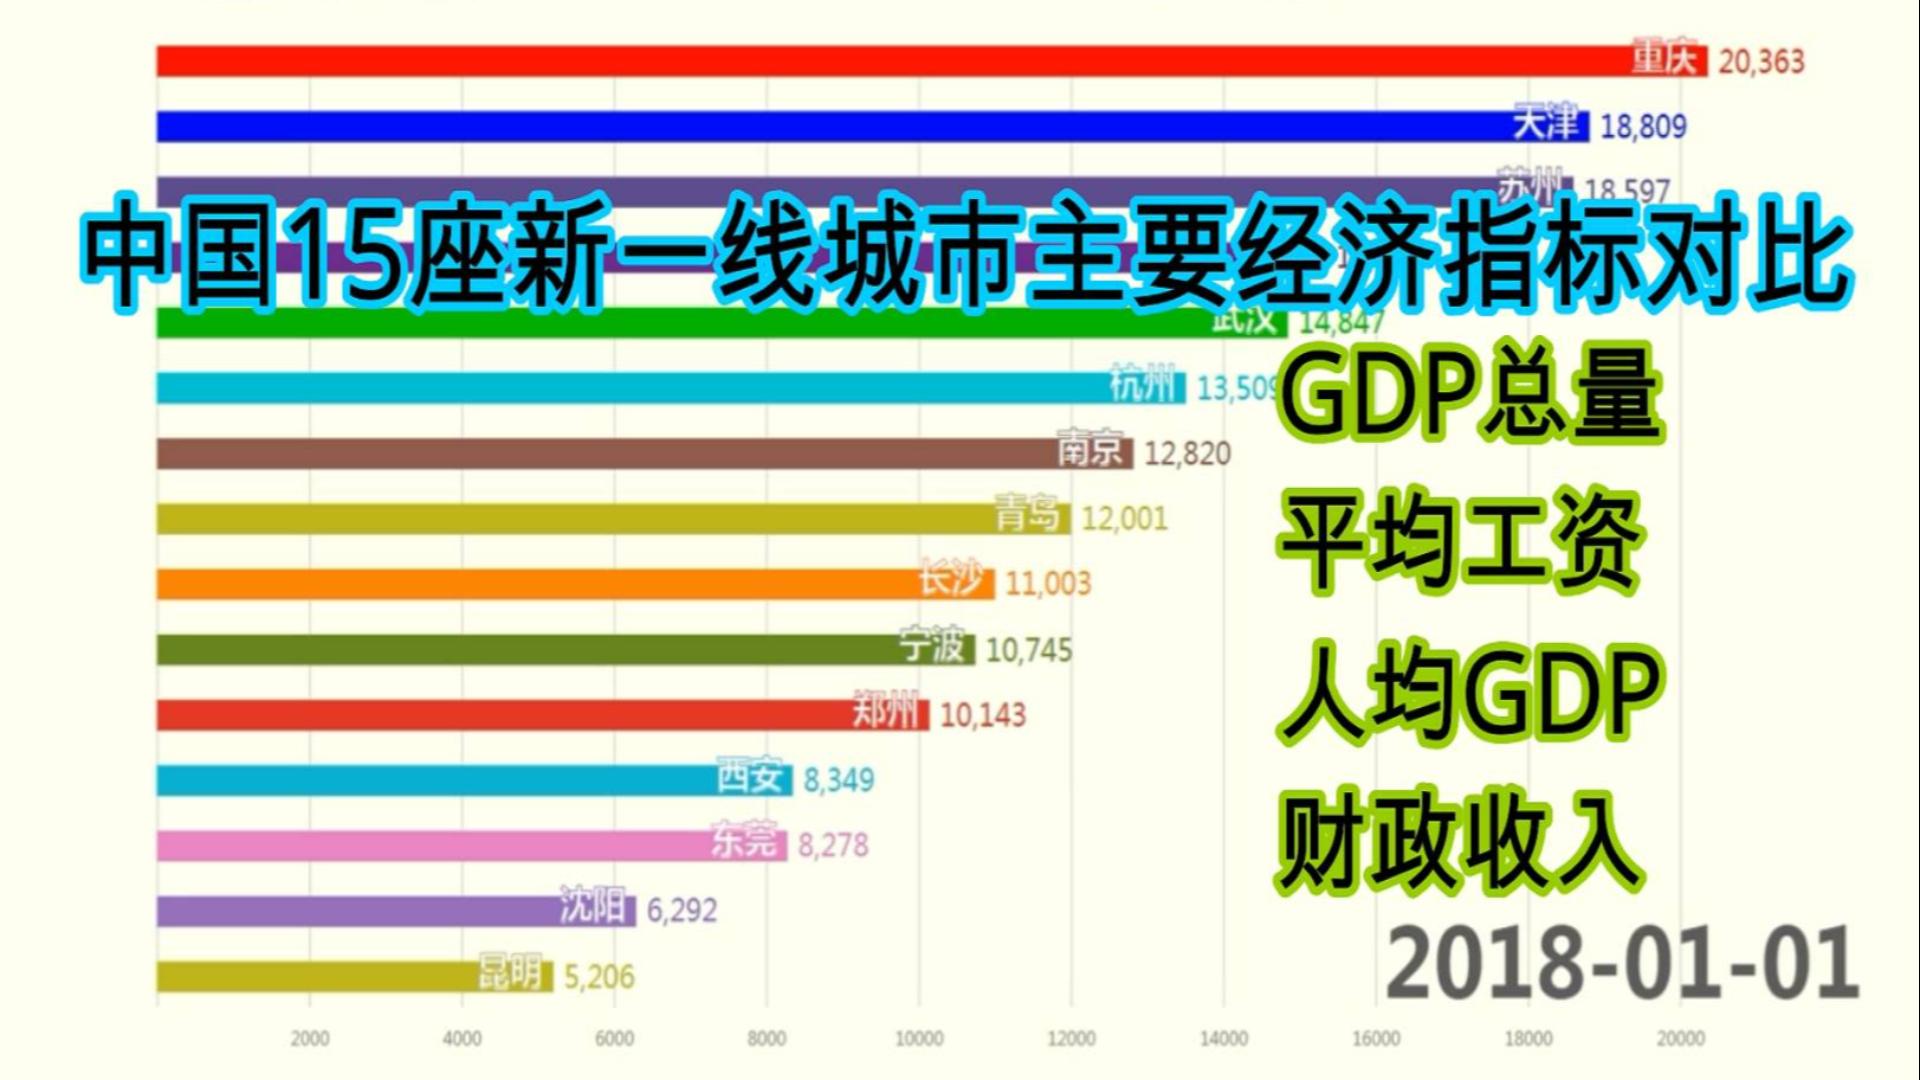 中国15座新一线城市主要经济指标对比【数据可视化】